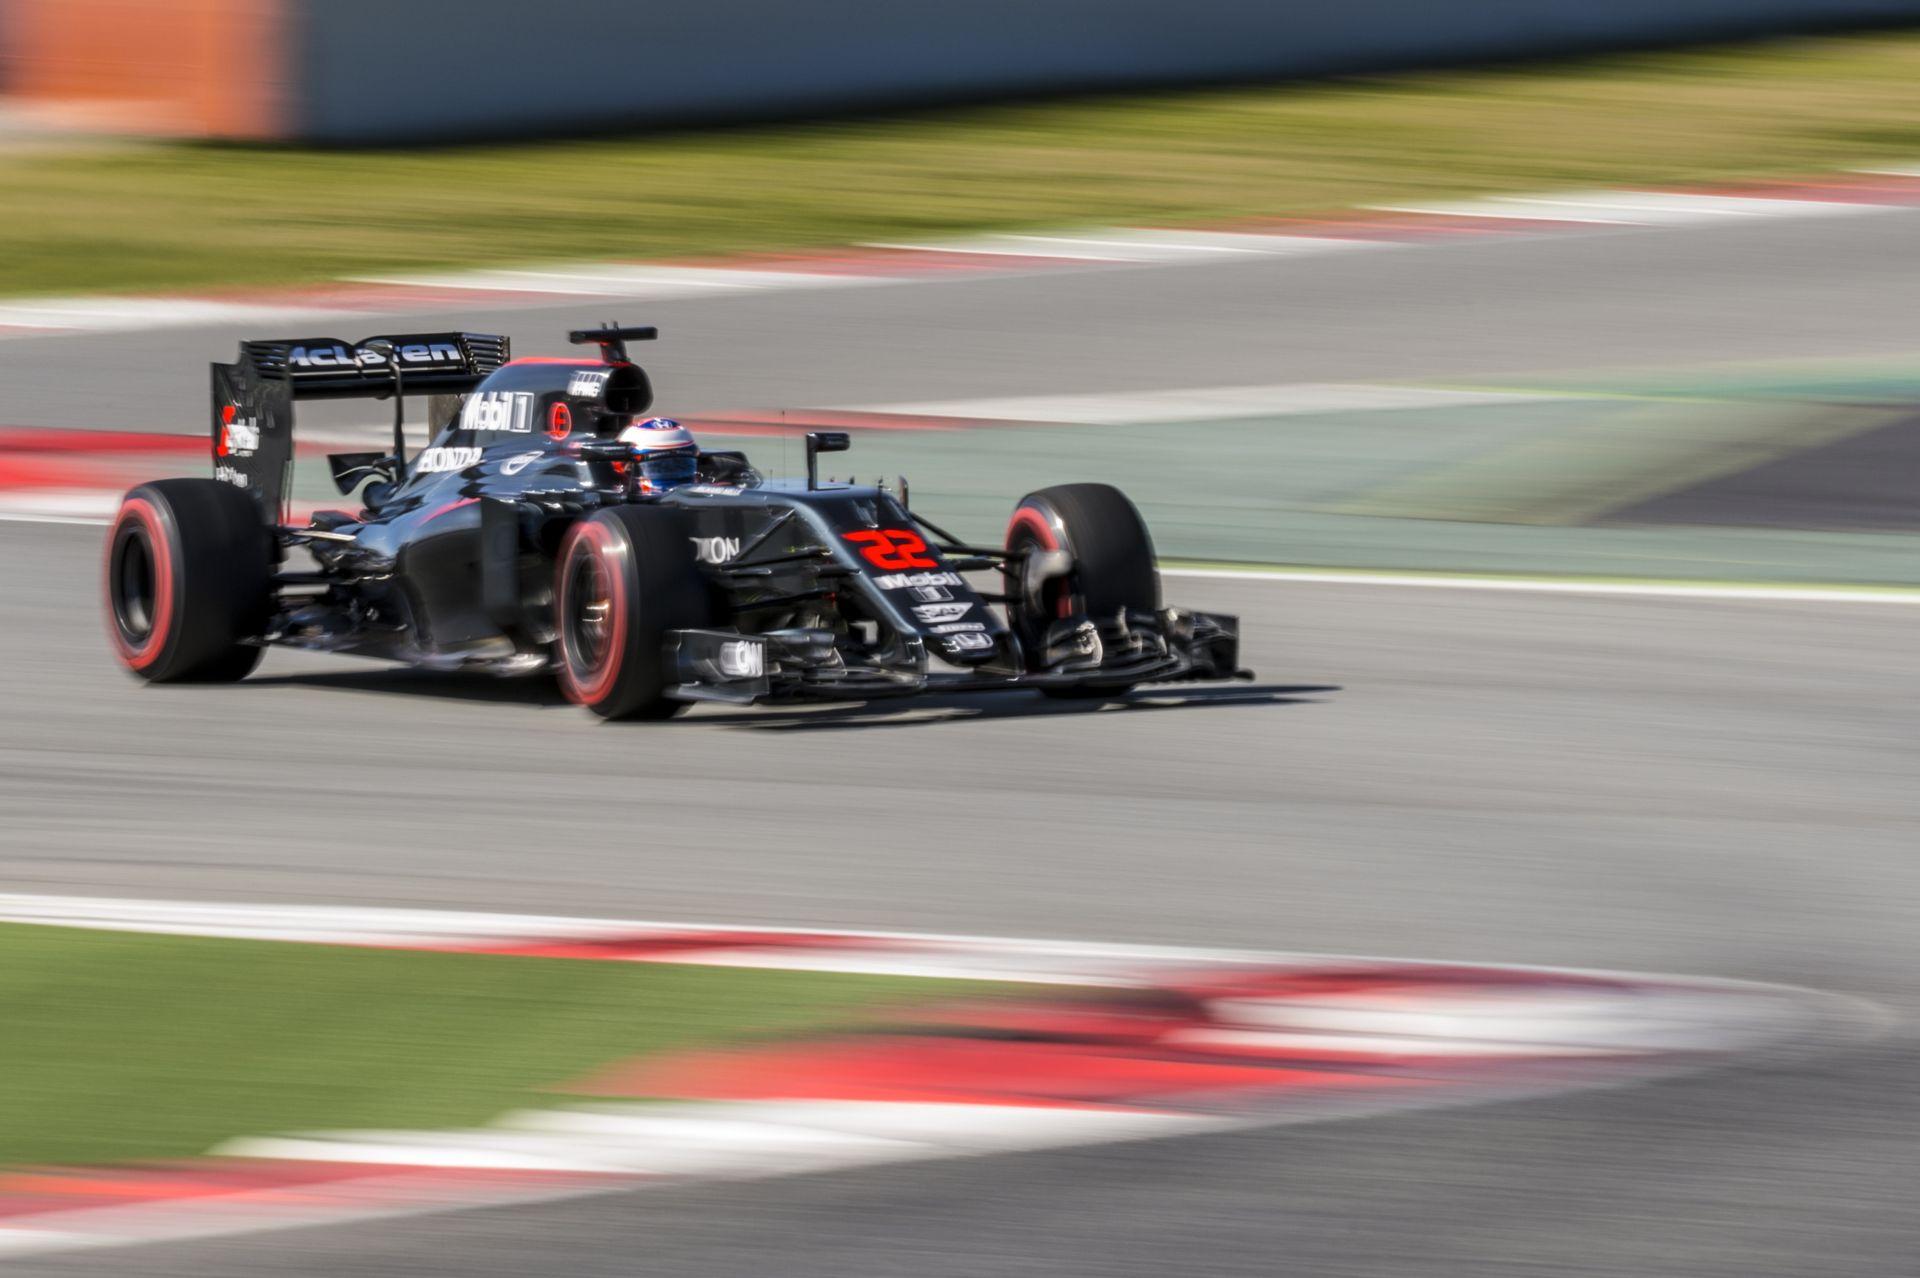 Majdnem 6 perc csak McLaren-Honda: az MP4-31 hangja